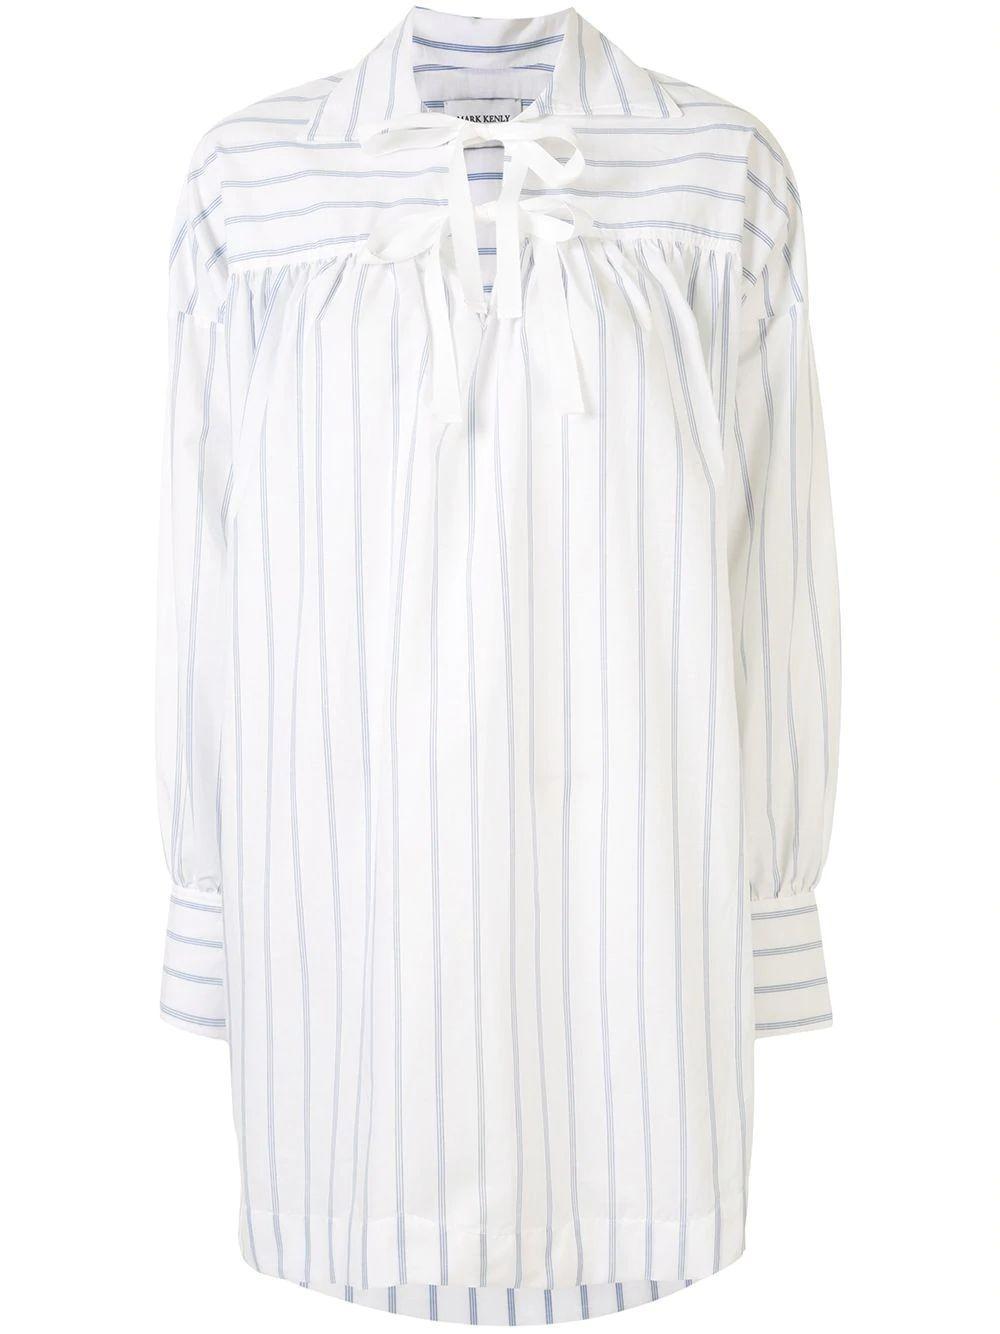 Dannyn Stripe Linen Top Item # 1075 03 136 1368